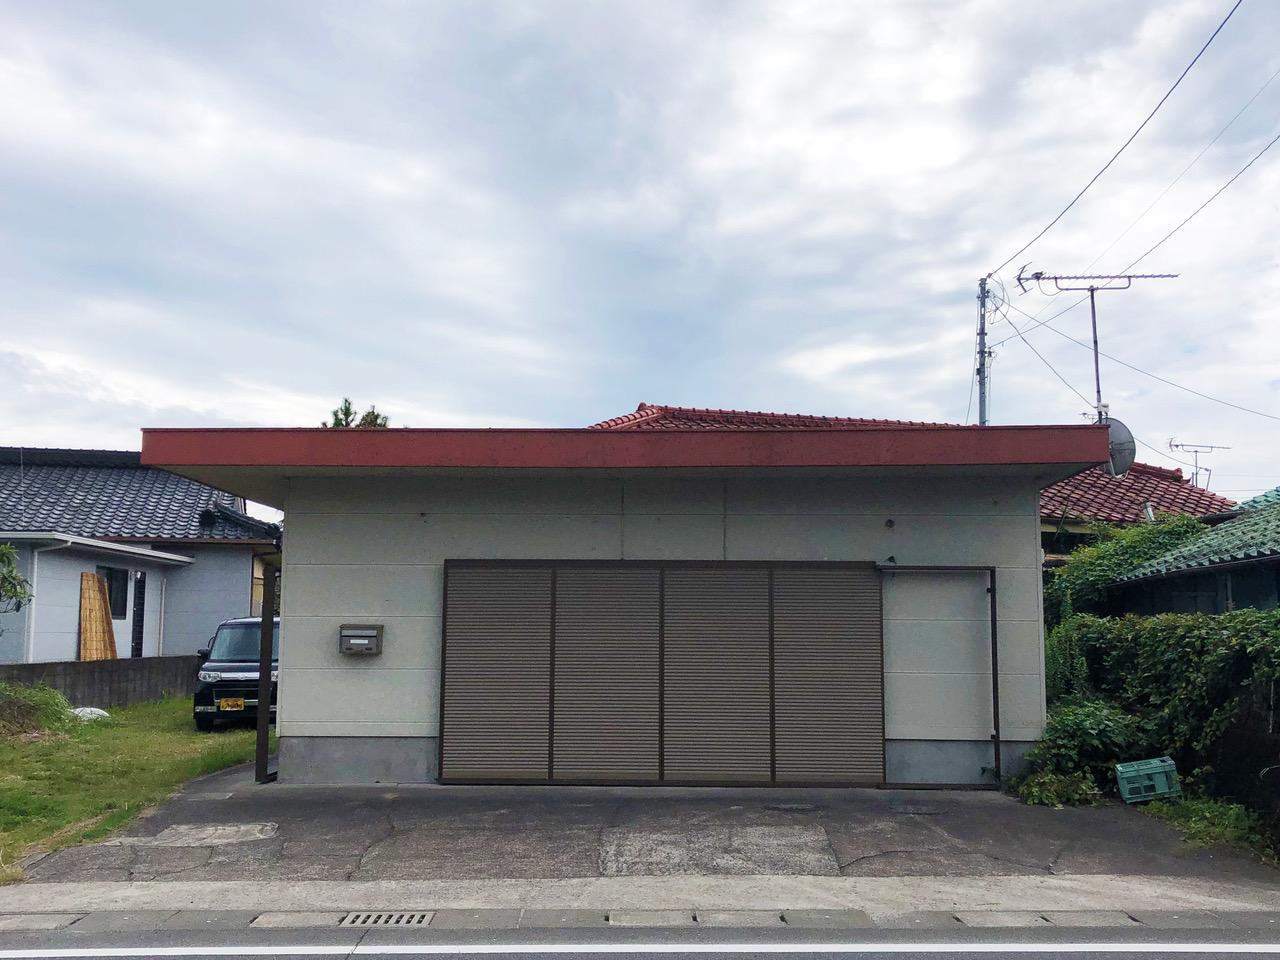 四角い箱と赤い屋根 (姶良市加治木町の物件) - 鹿児島R不動産